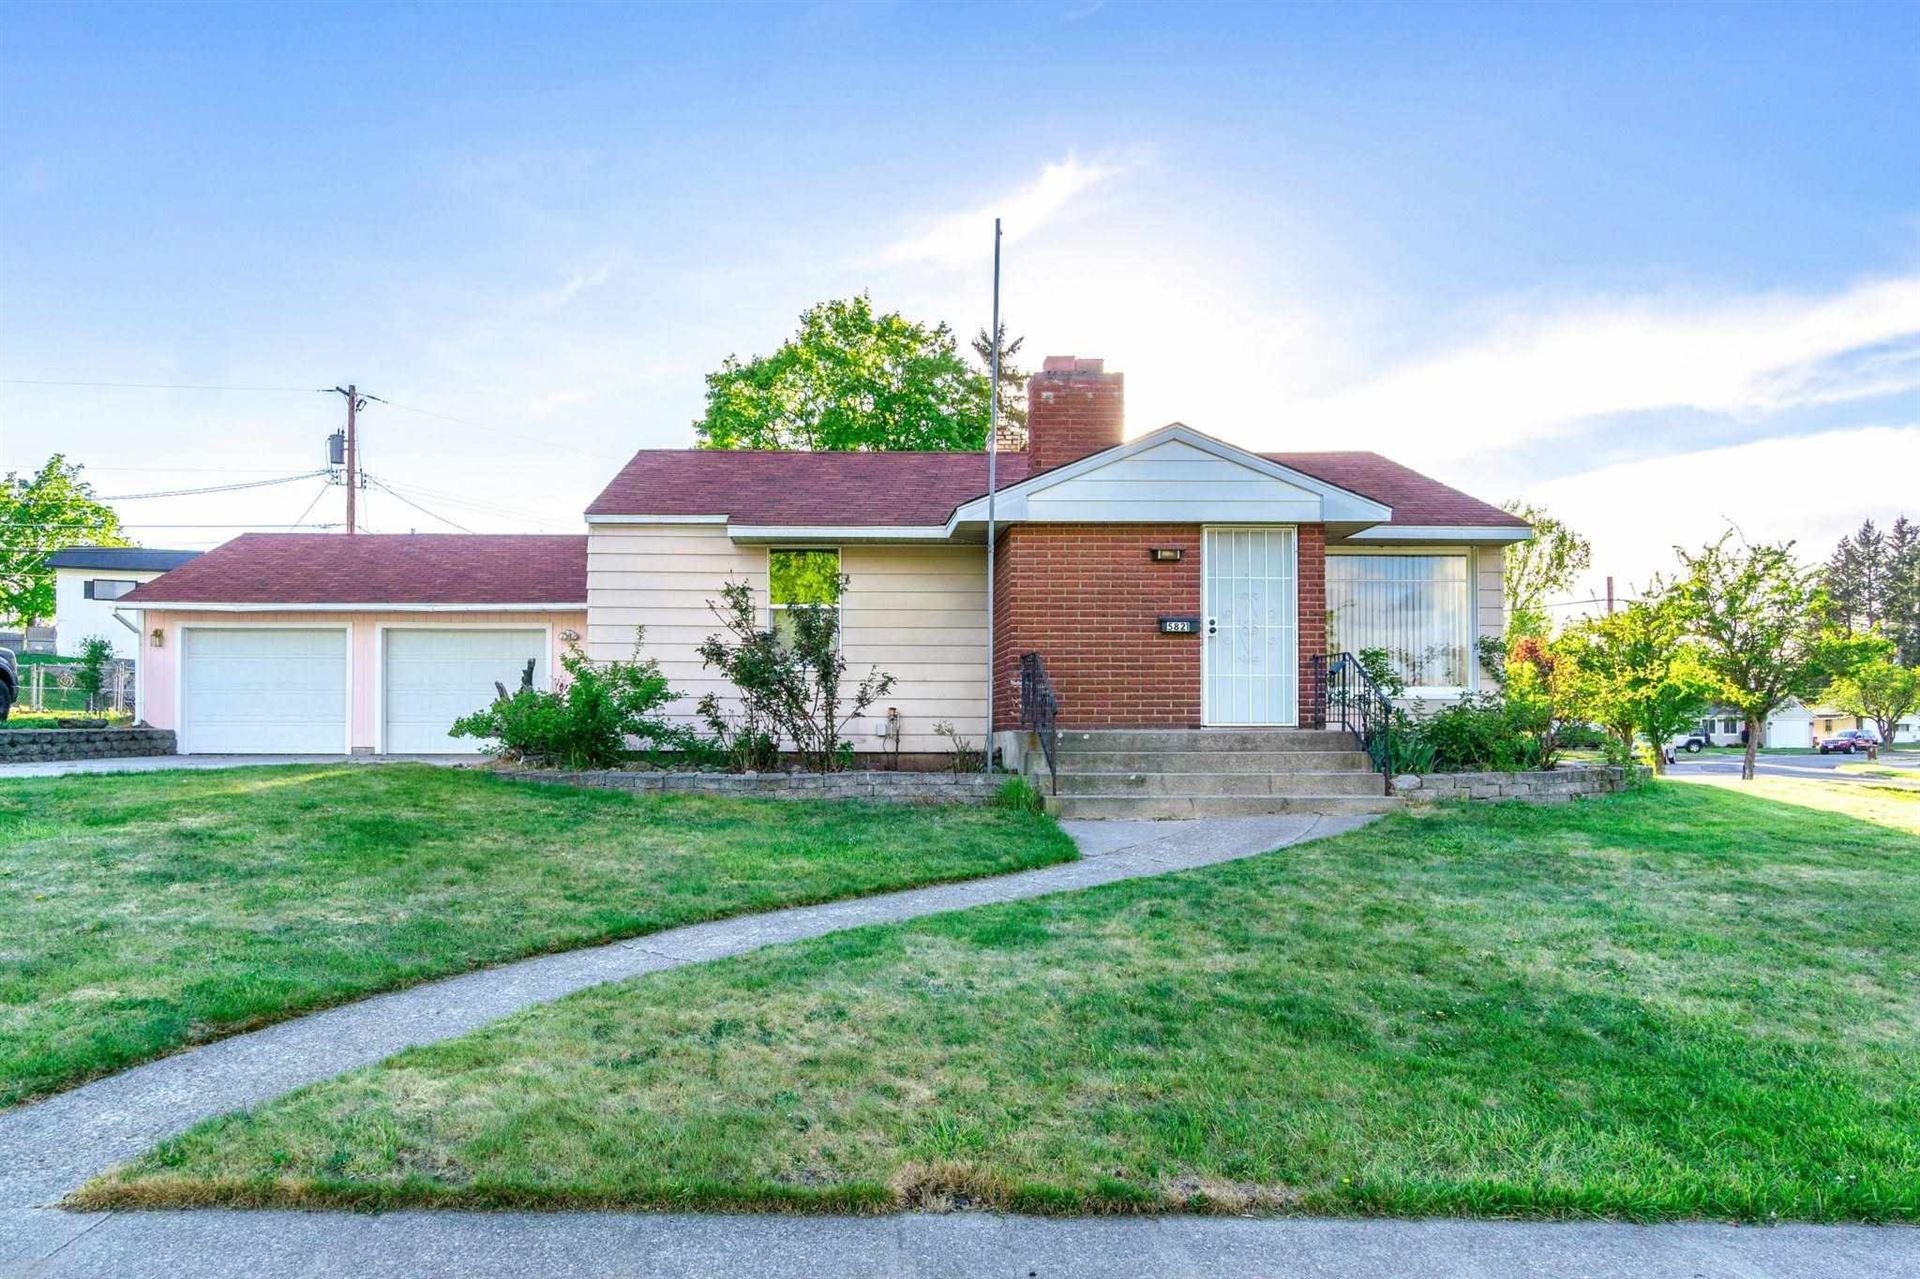 5821 N Milton St, Spokane, WA 99205 - #: 202115558